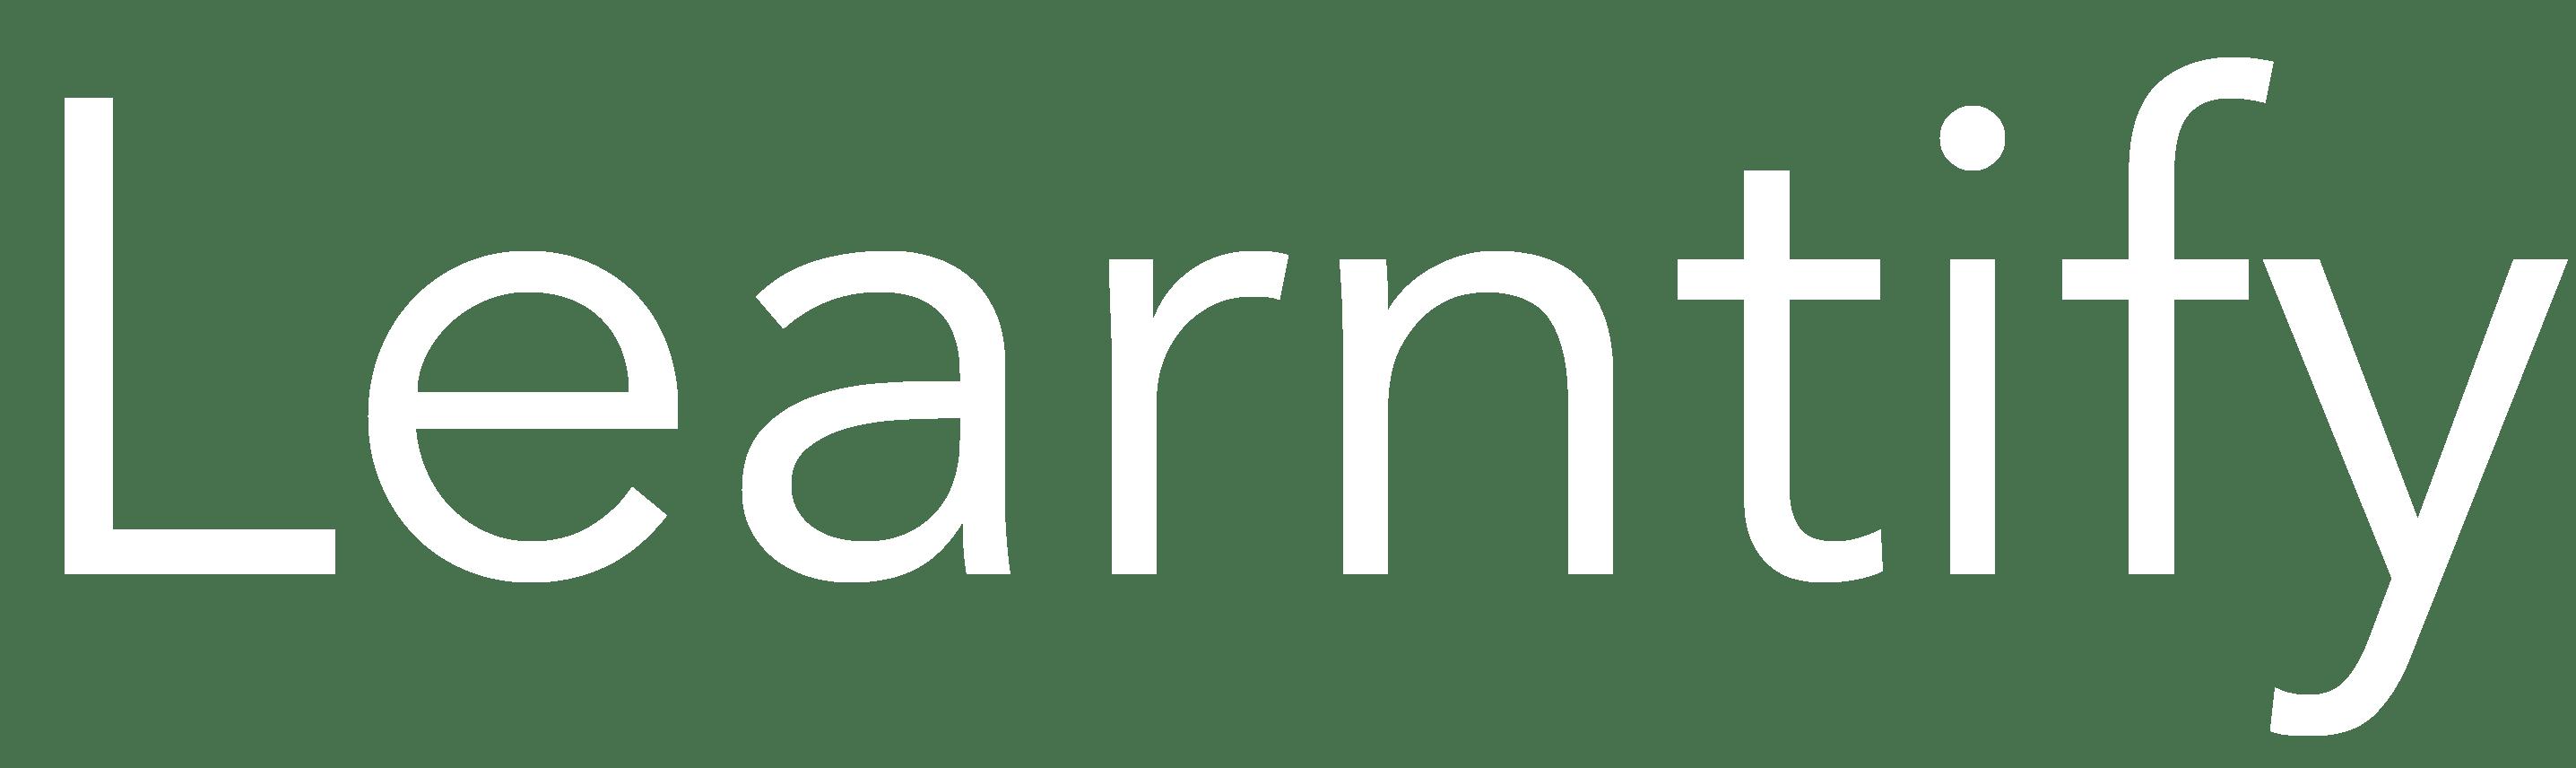 Learntify